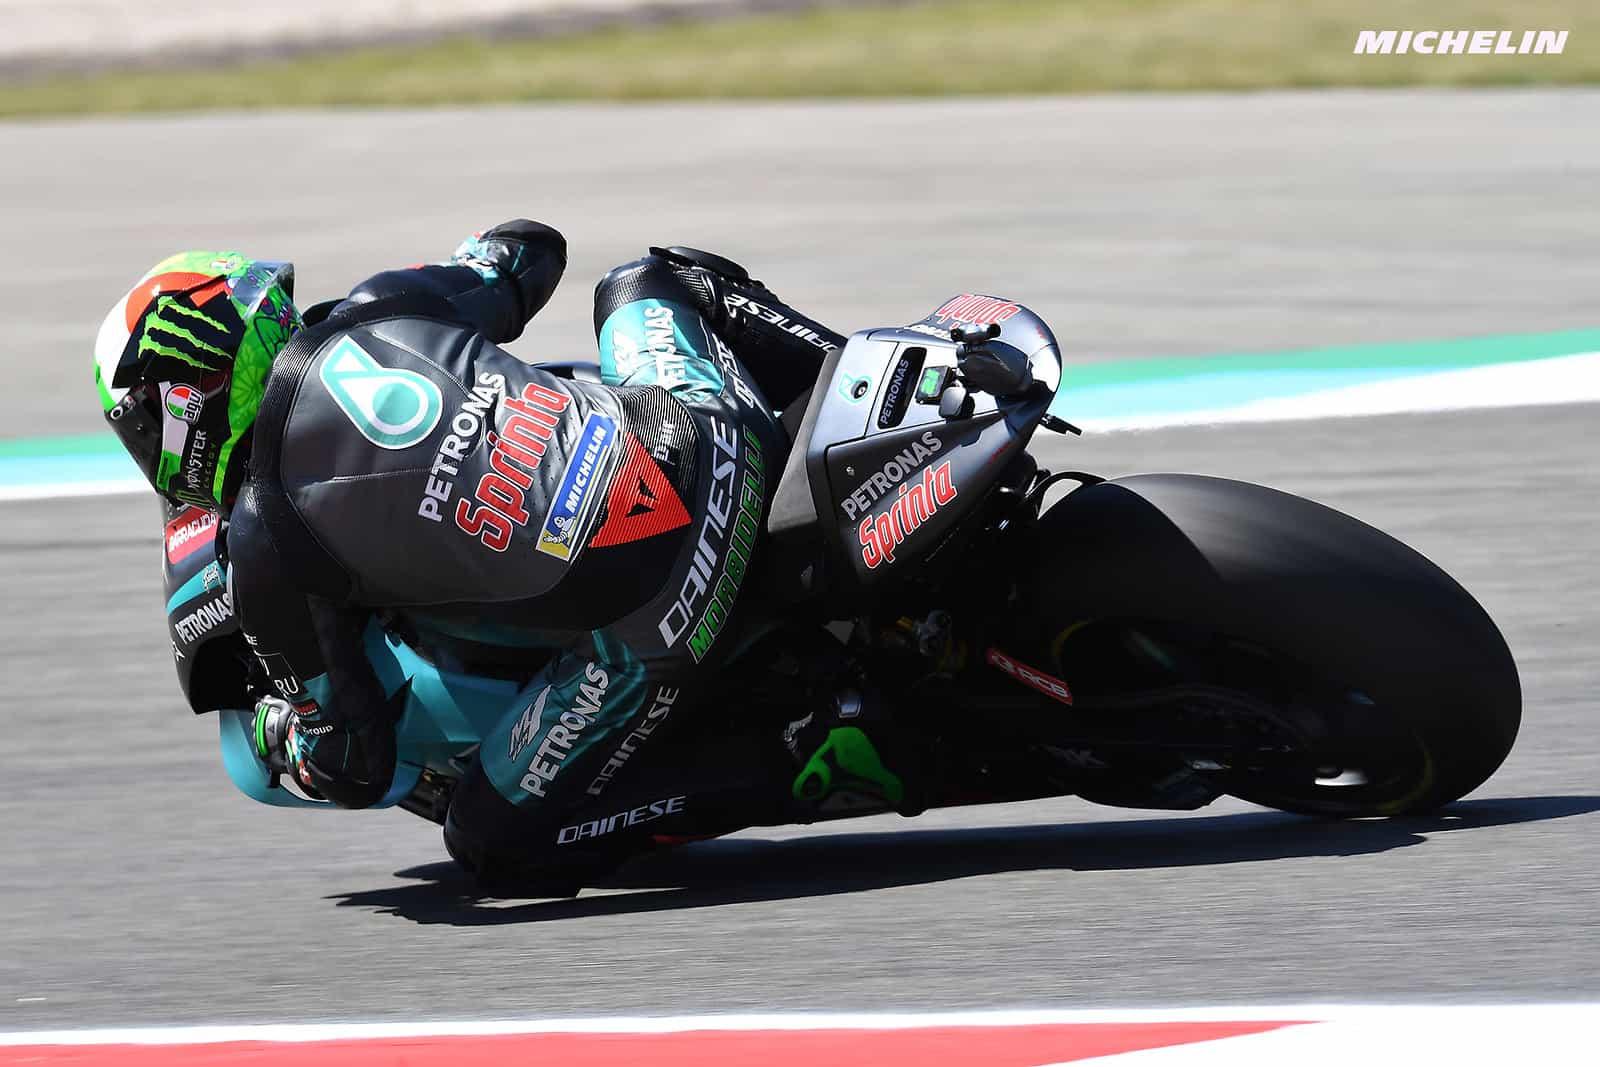 MotoGP2019オランダGP FP2 14位モルビデッリ「望んだ形でコーナーを攻められない」